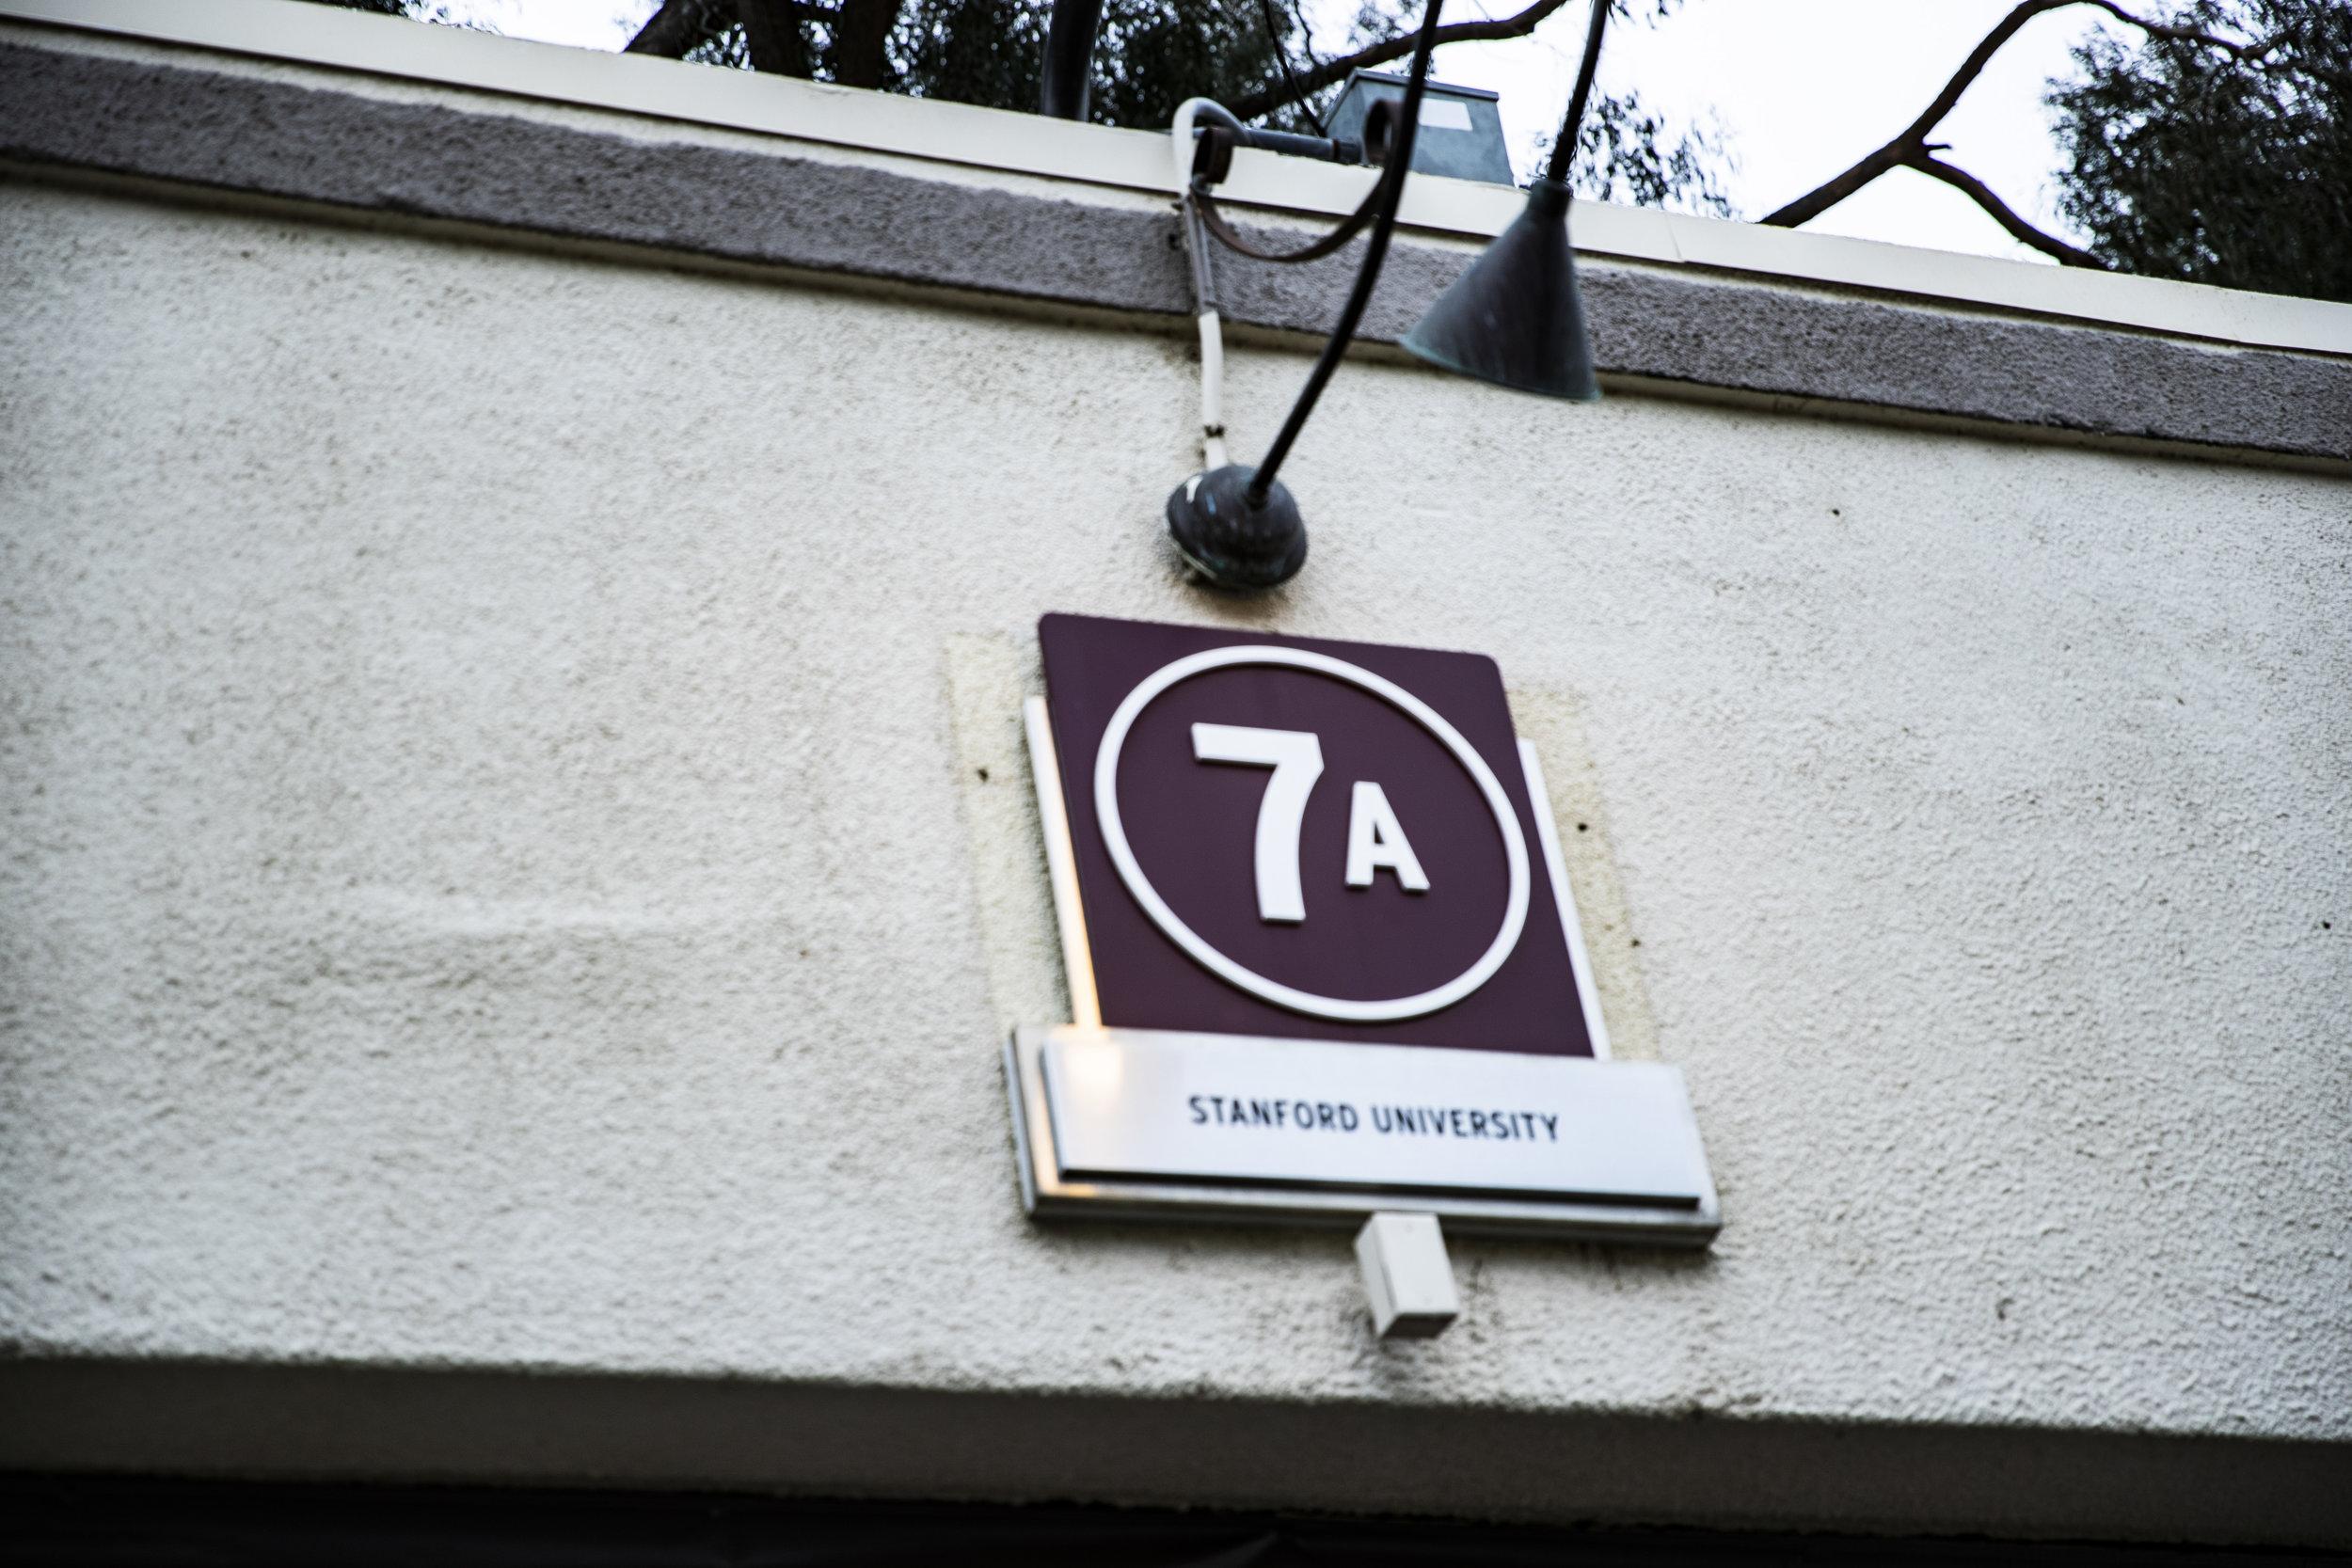 7A_TunnelSign.jpg